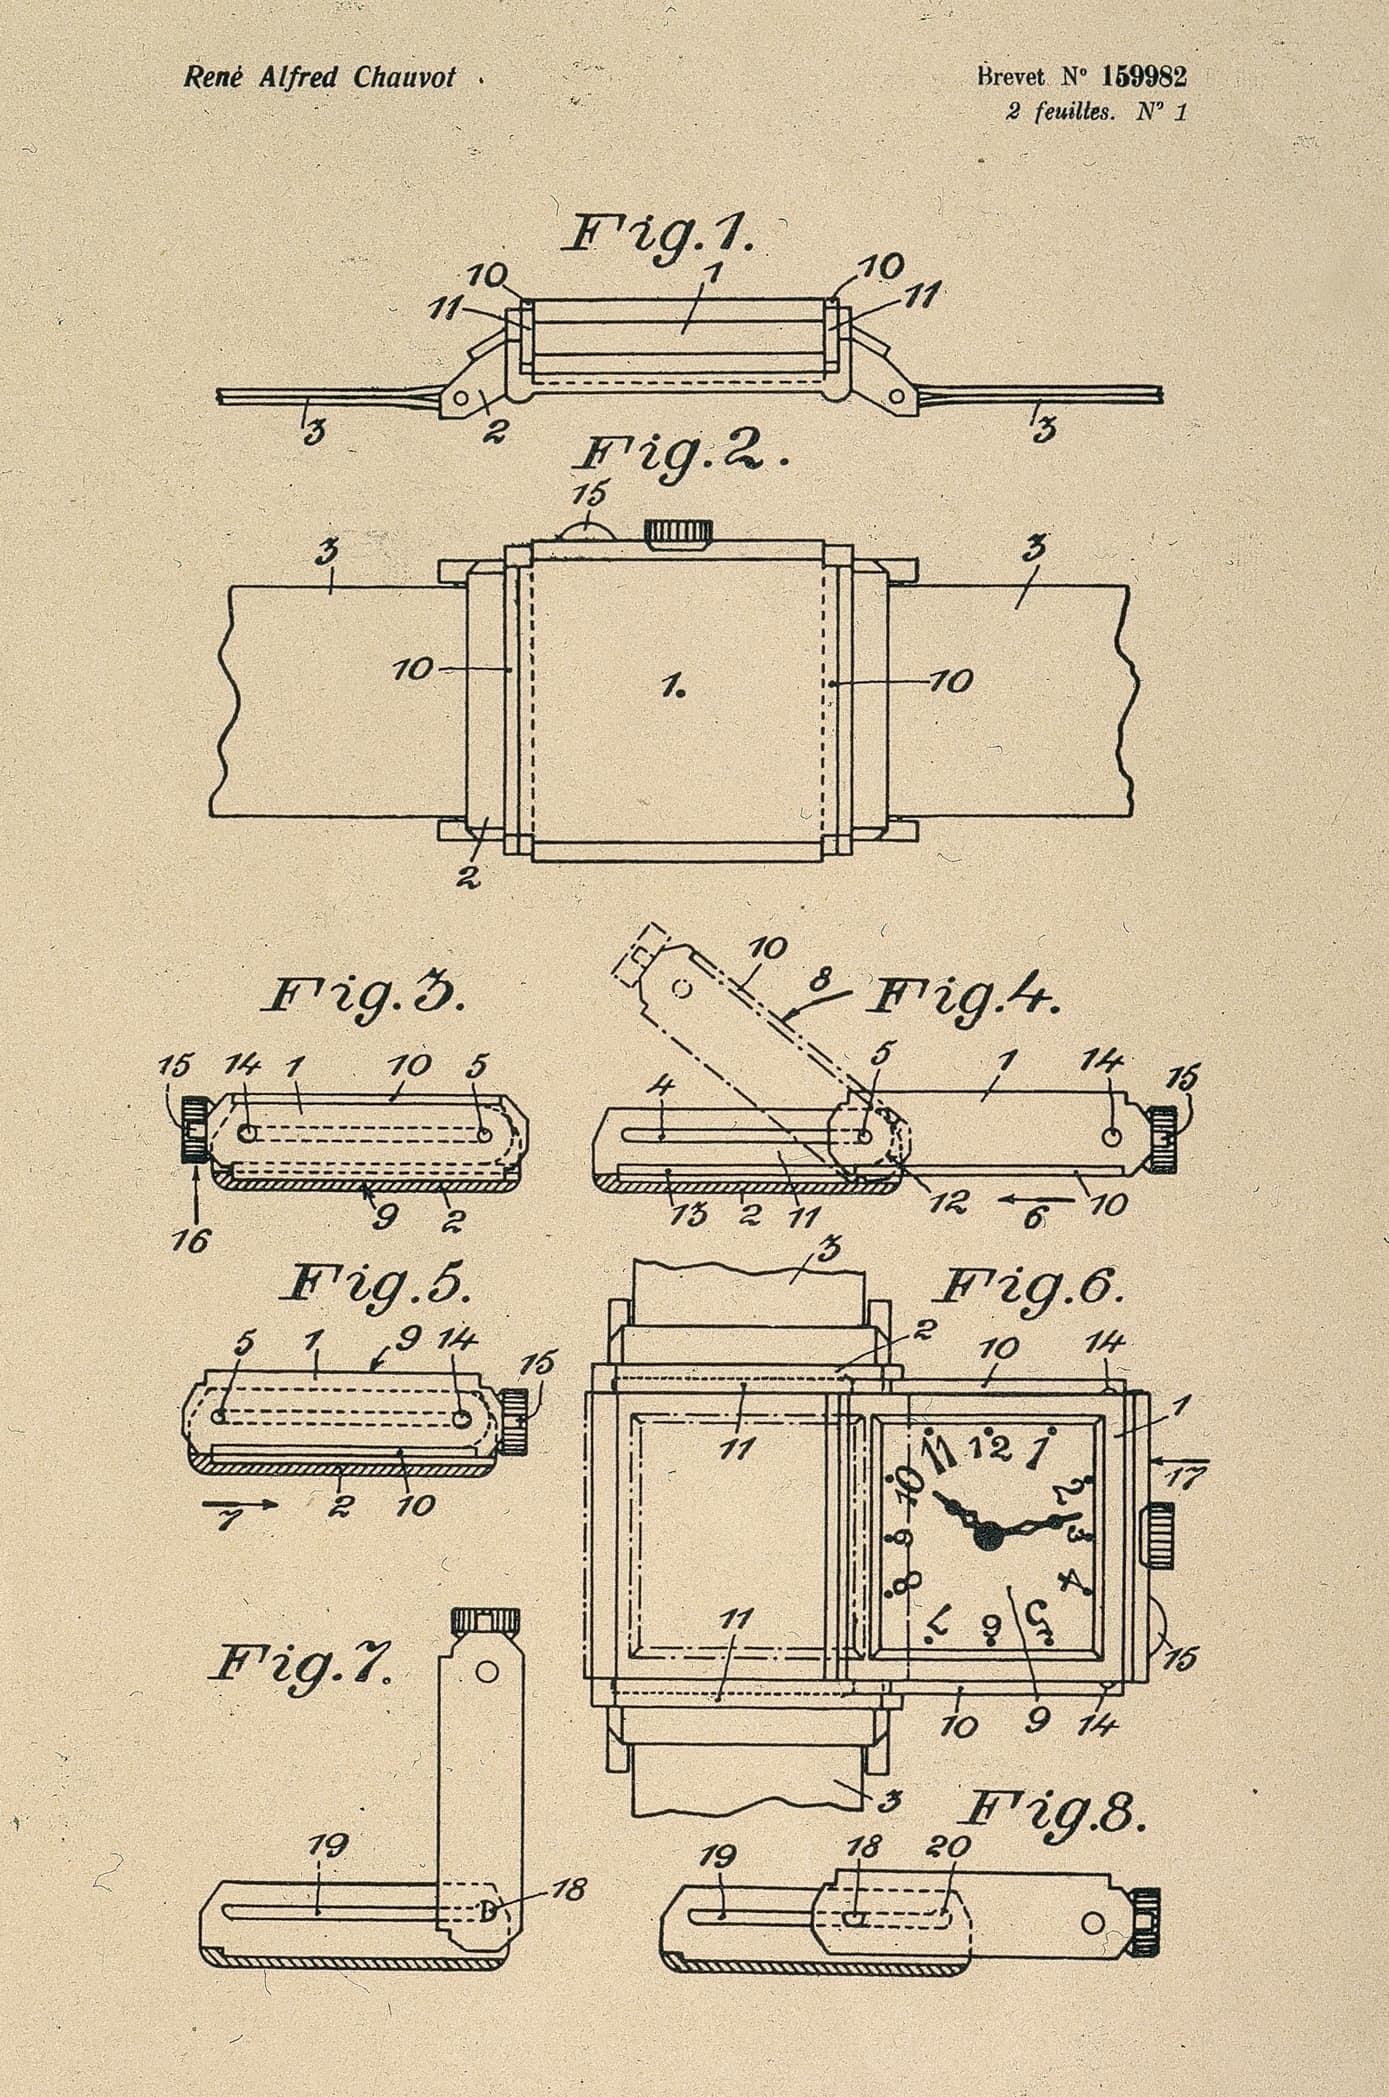 Das Patent der Reverso von 1931